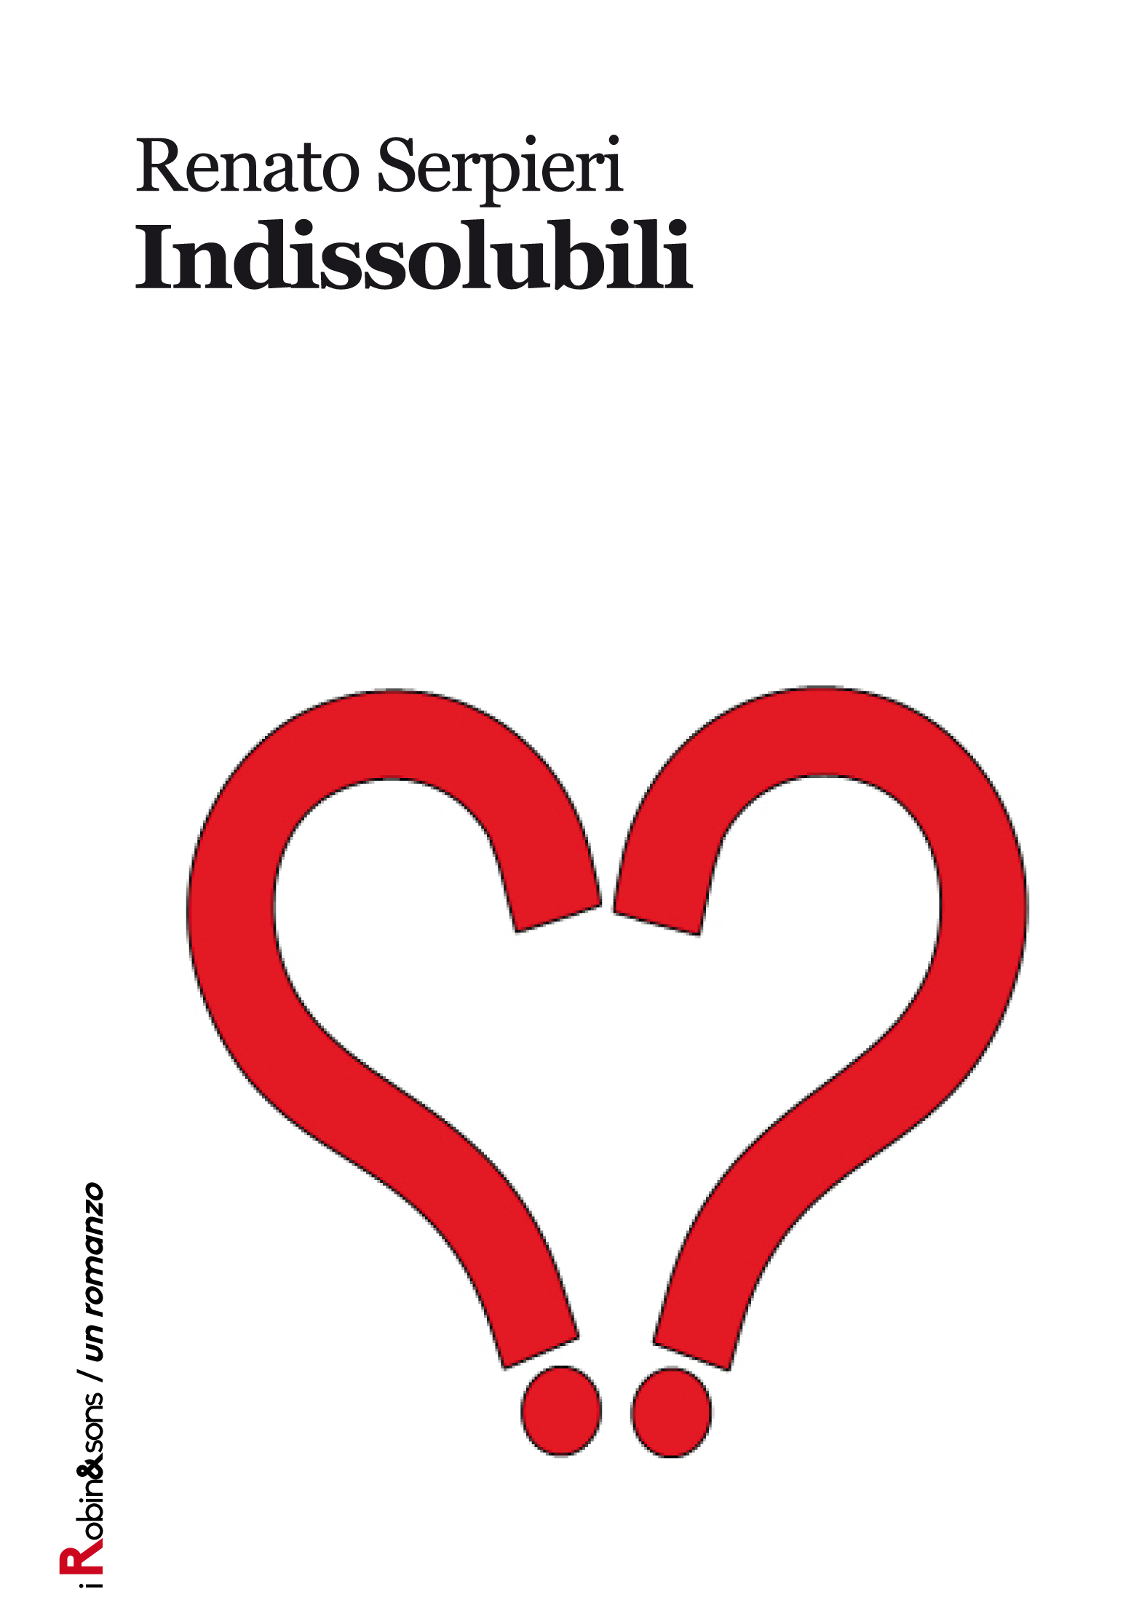 Copertina del romanzo Indissolubili di Renato Serpieri